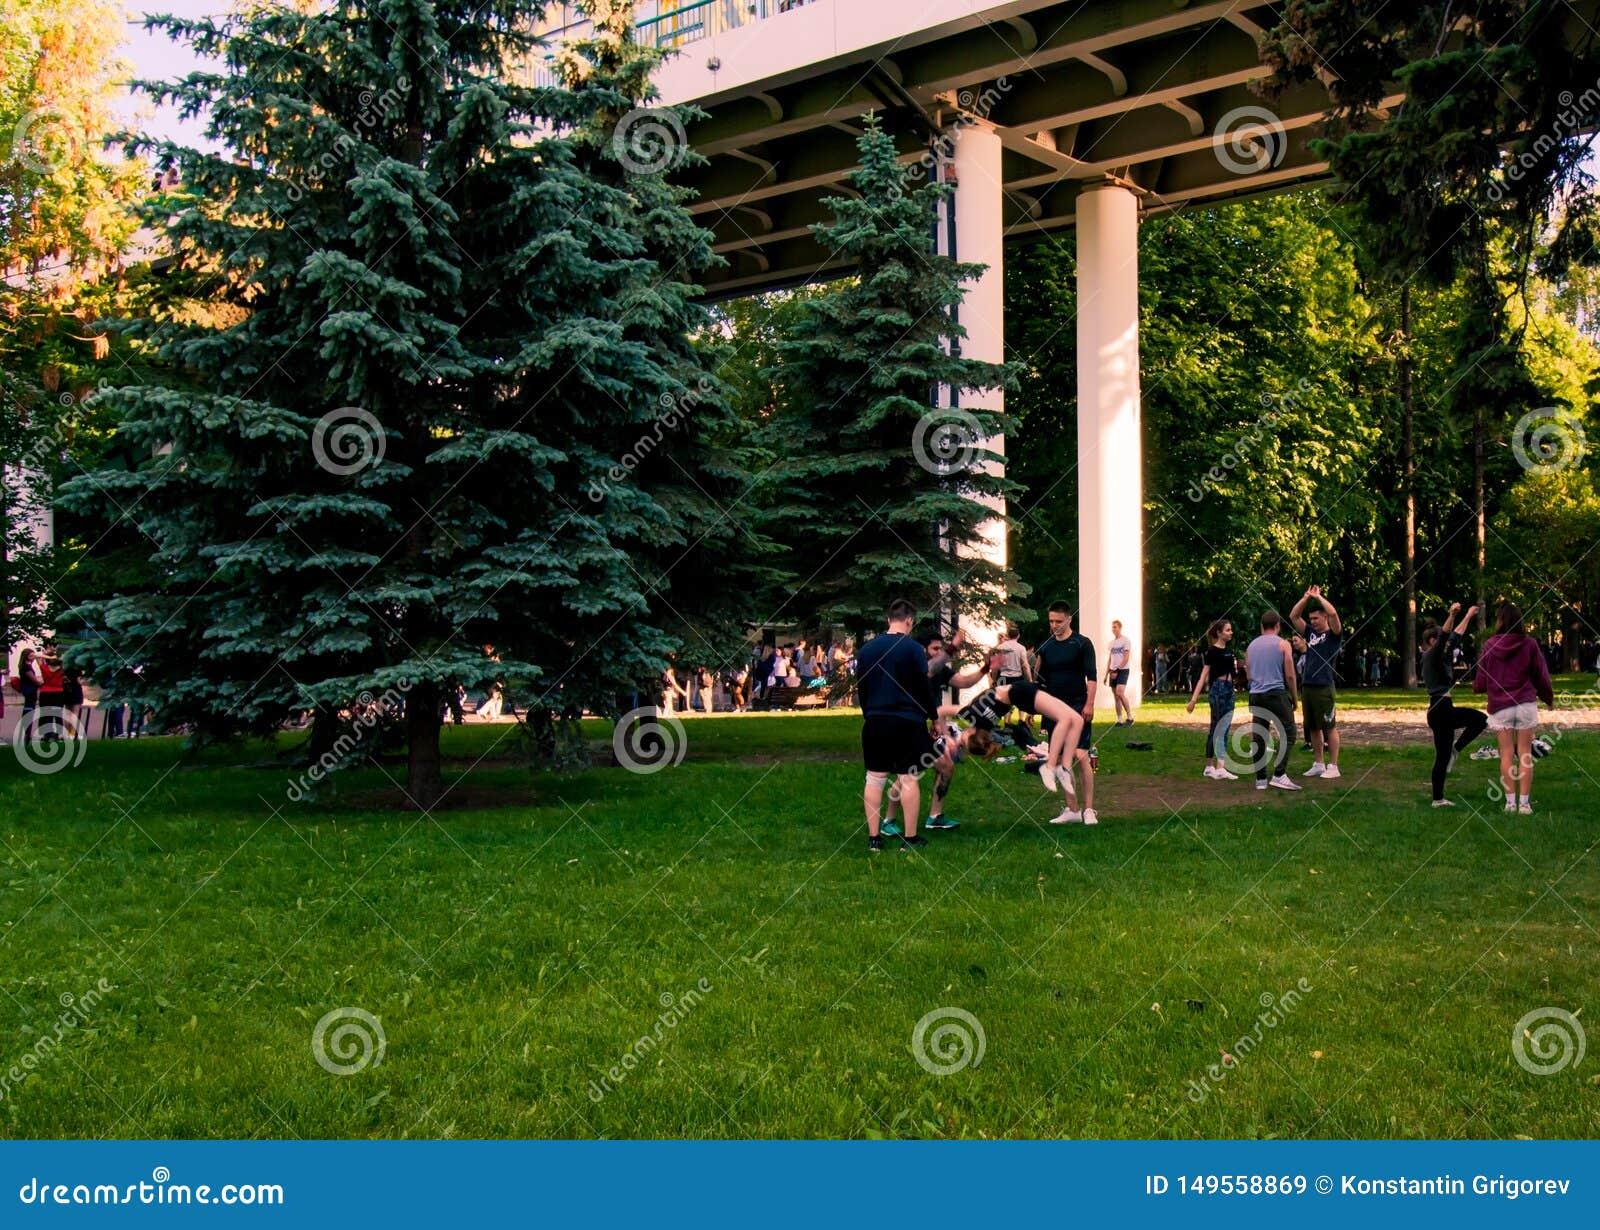 Mosca, Russia-06 01 2019: ragazze pon pon che si preparano nel parco sull erba